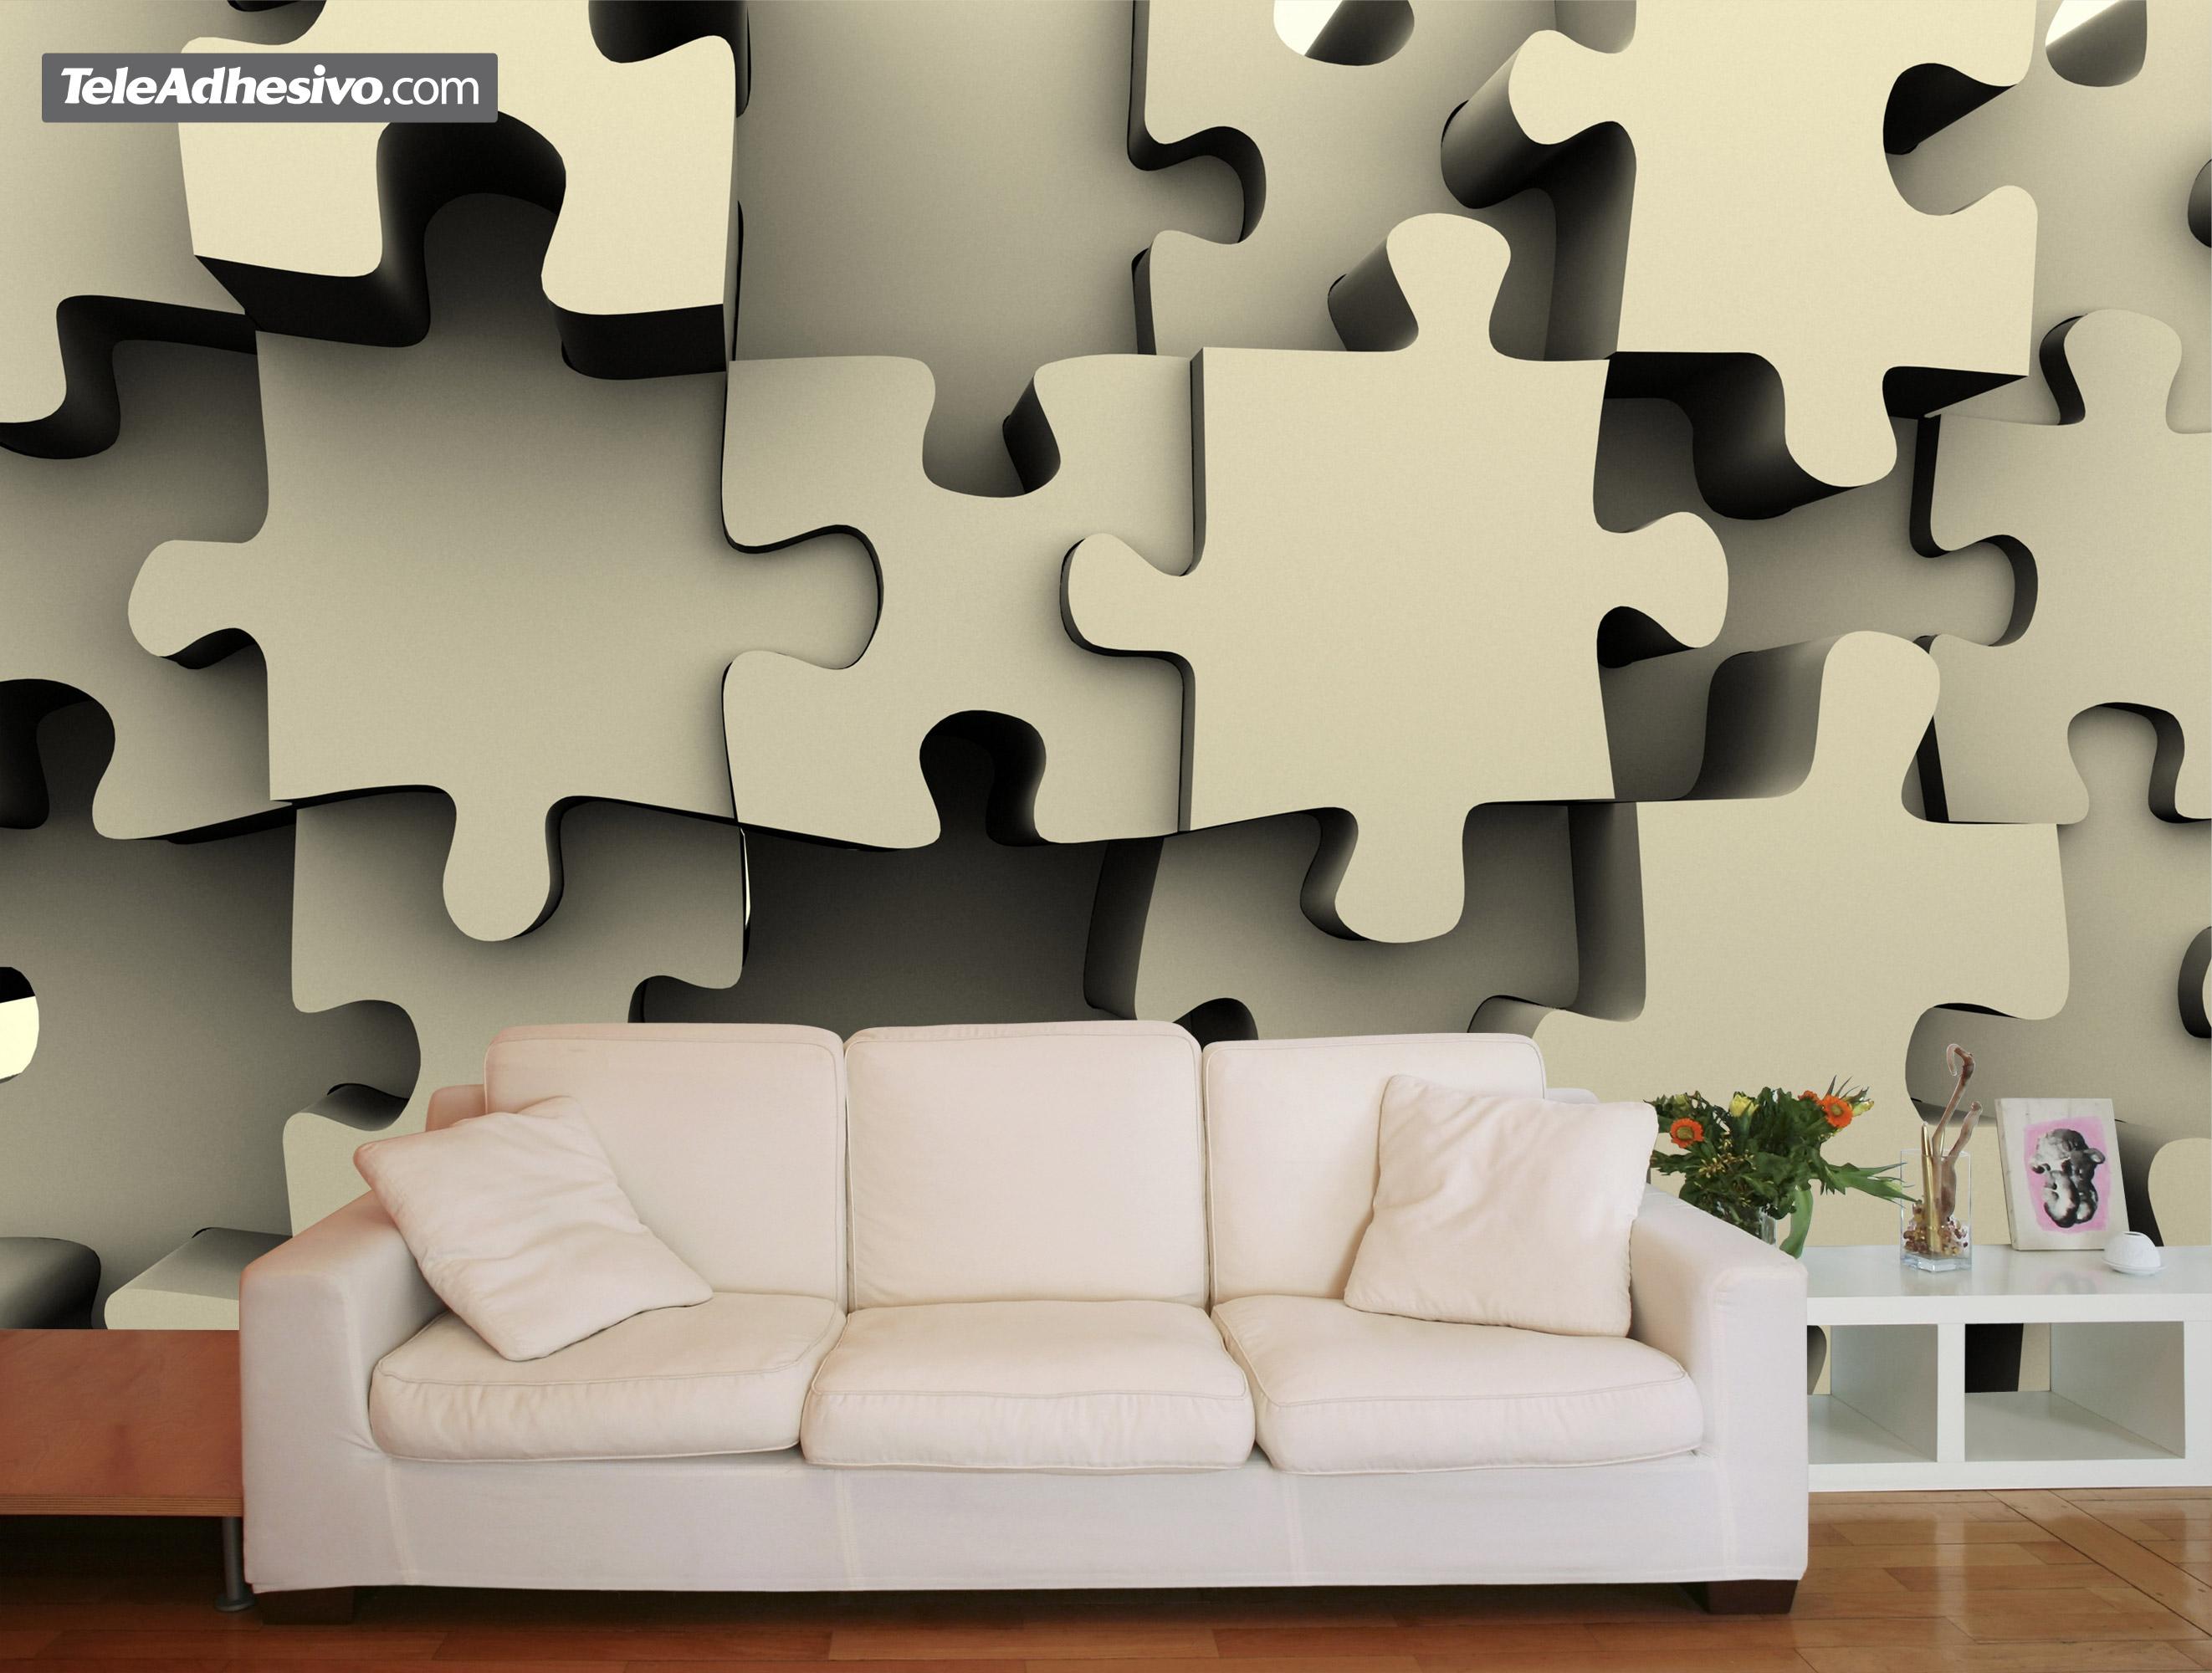 4 Murs Colmar Design Tapisserie Chambre Versailles Ciment